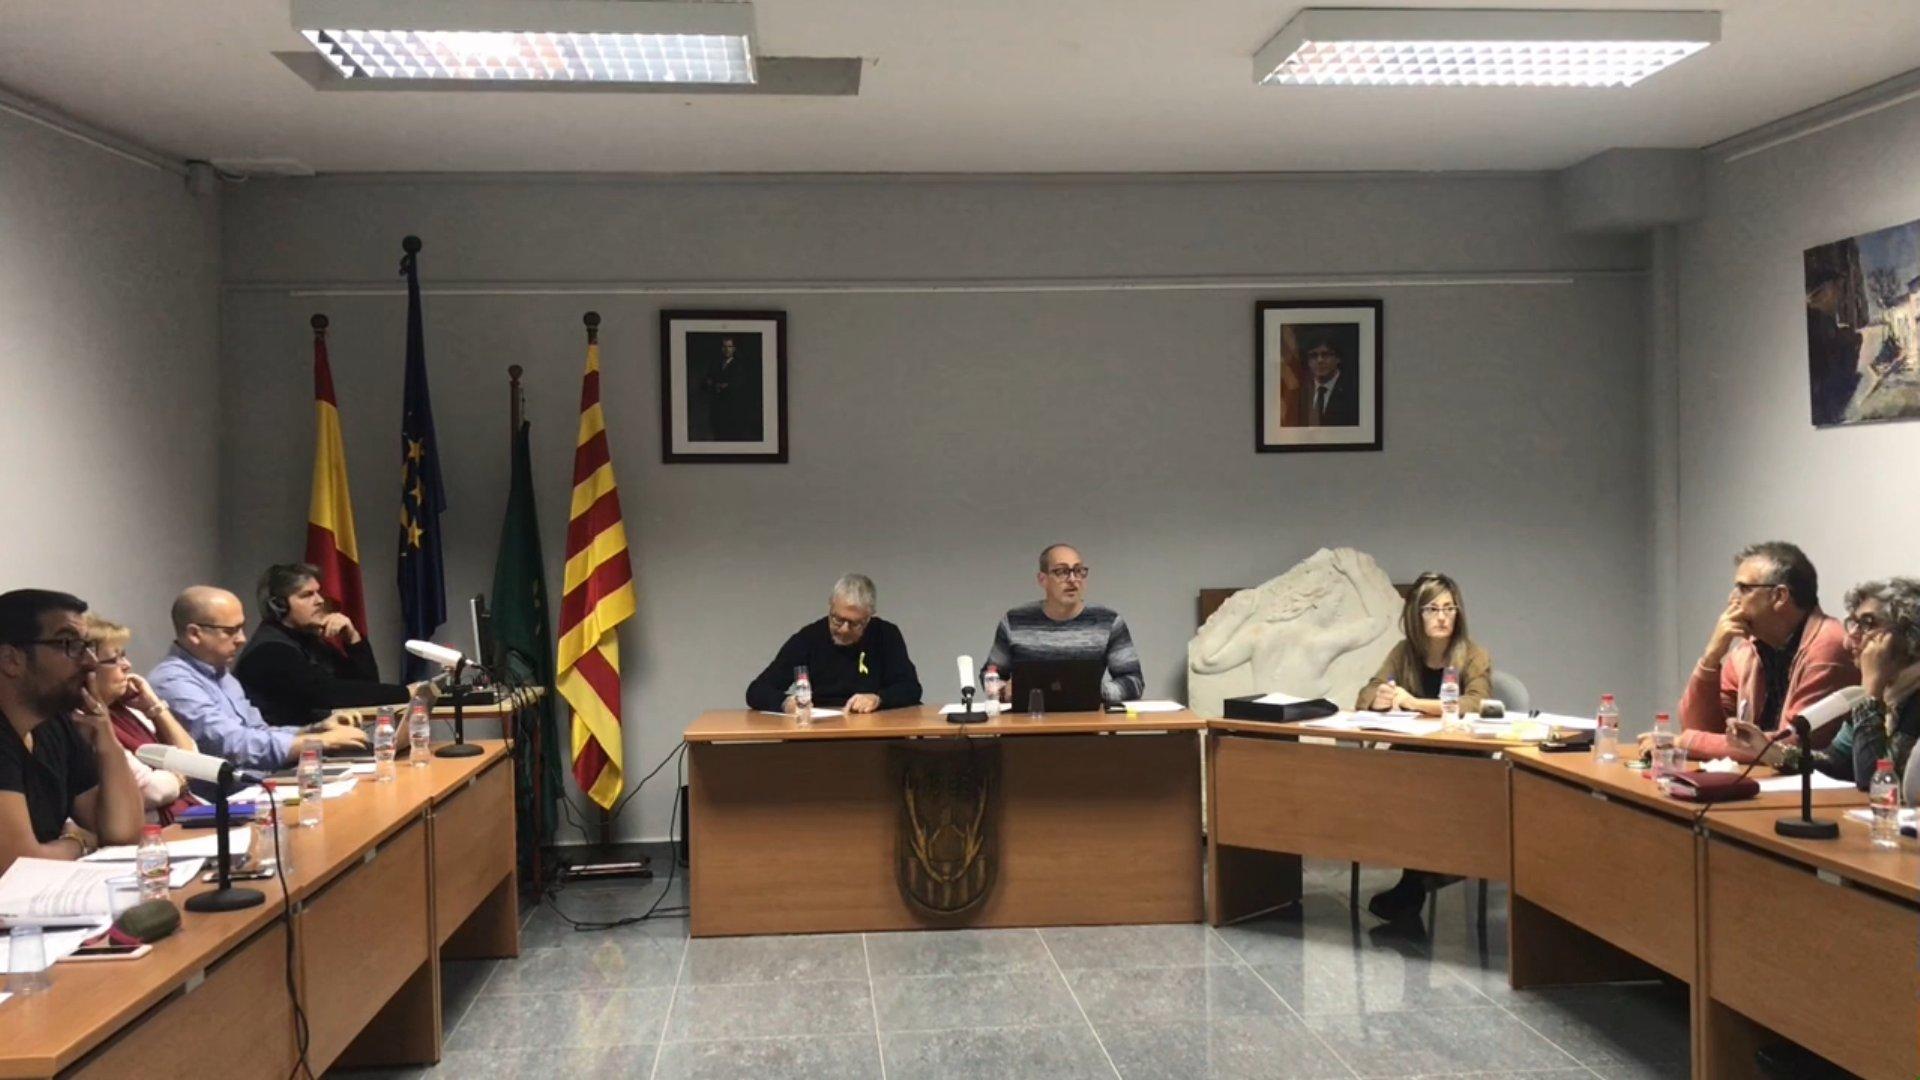 L'Ajuntament de Banyeres del Penedès aprova l'adhesió al conveni Servei de Transport de viatgers a la comarca del Baix Penedès